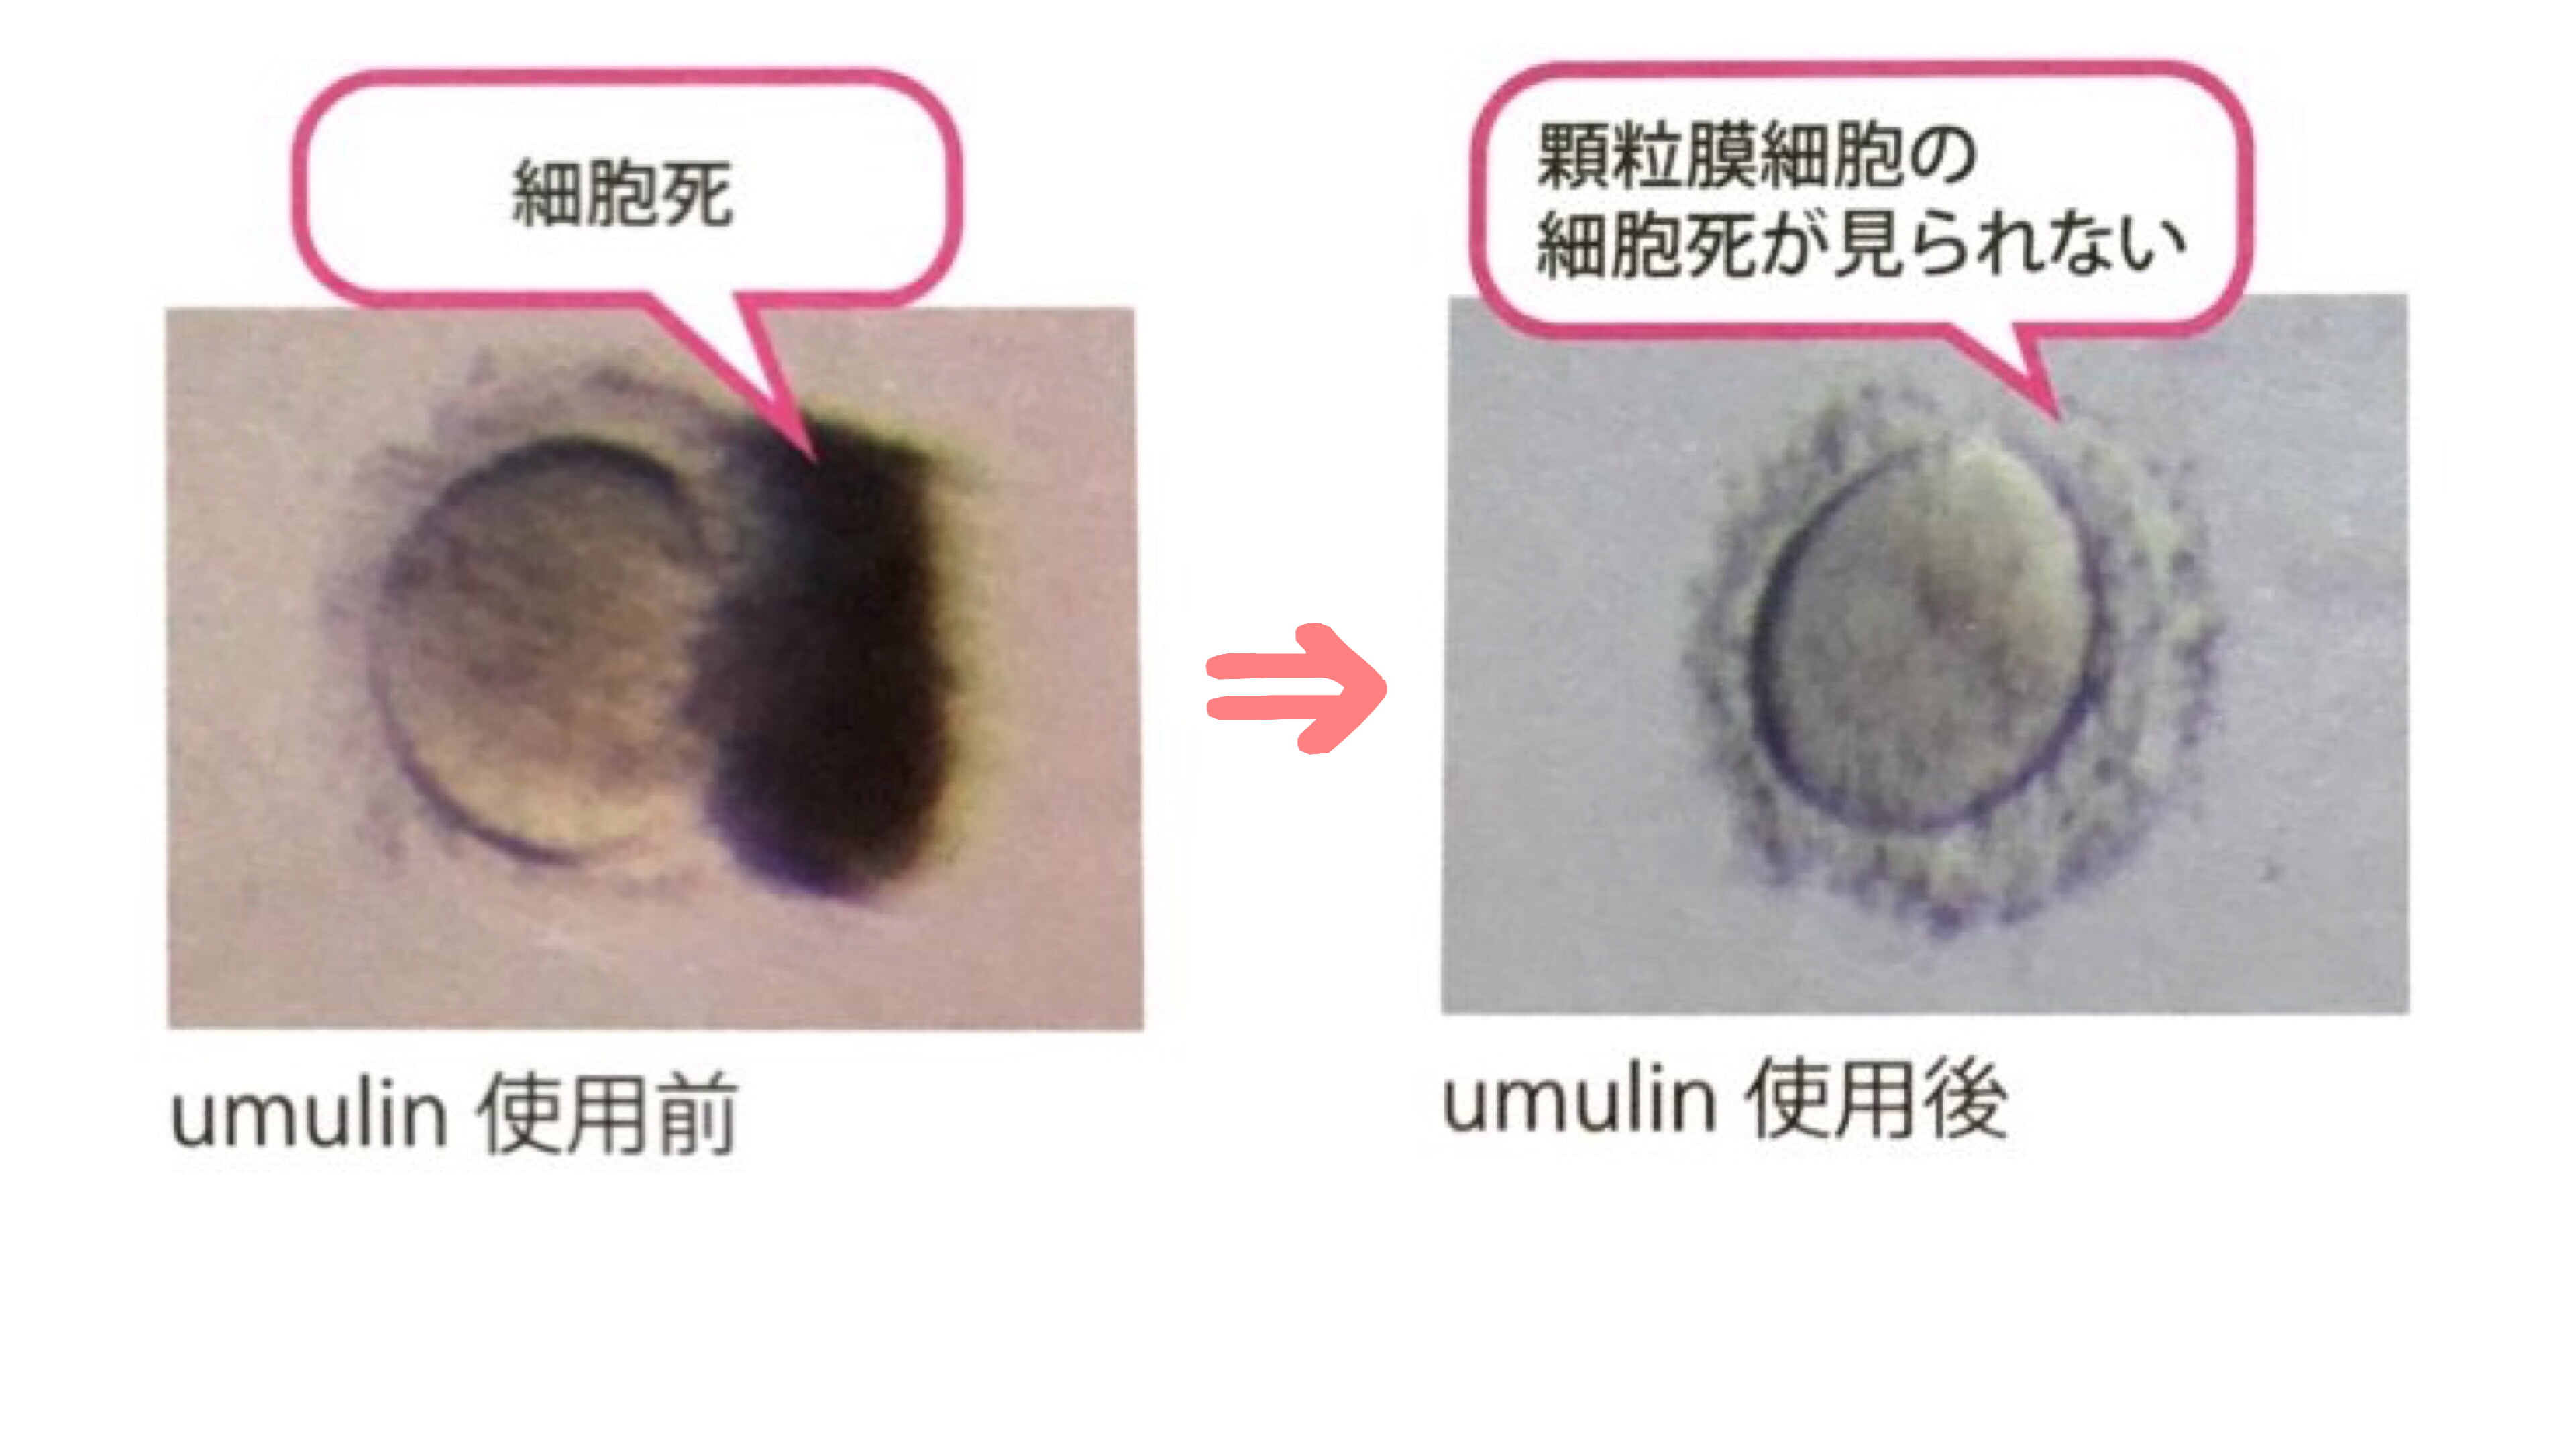 卵子の質&卵子の老化に作用するサプリは「ウムリン」一択!